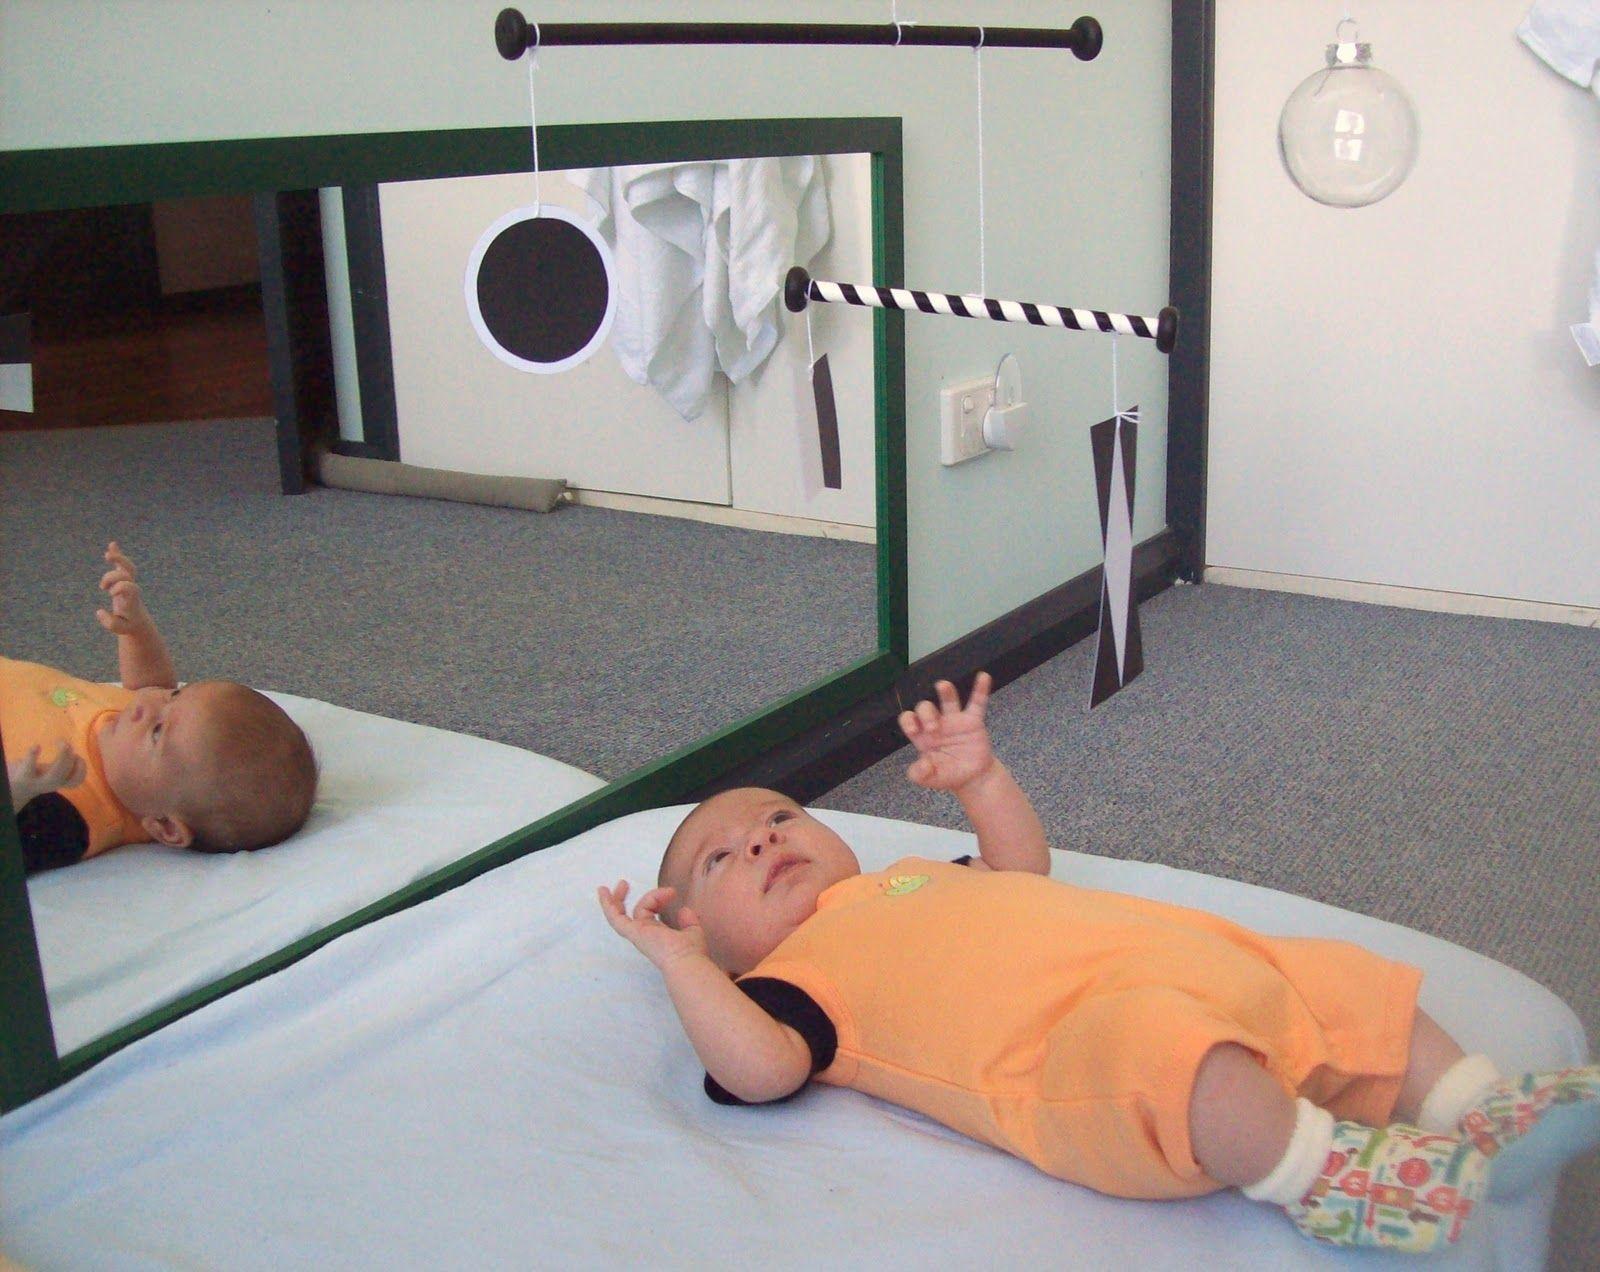 Jeux Montessori Pour Enfants De 0 À 6 Mois | Jeux Montessori tout Jeux D Eveil Bébé 2 Mois